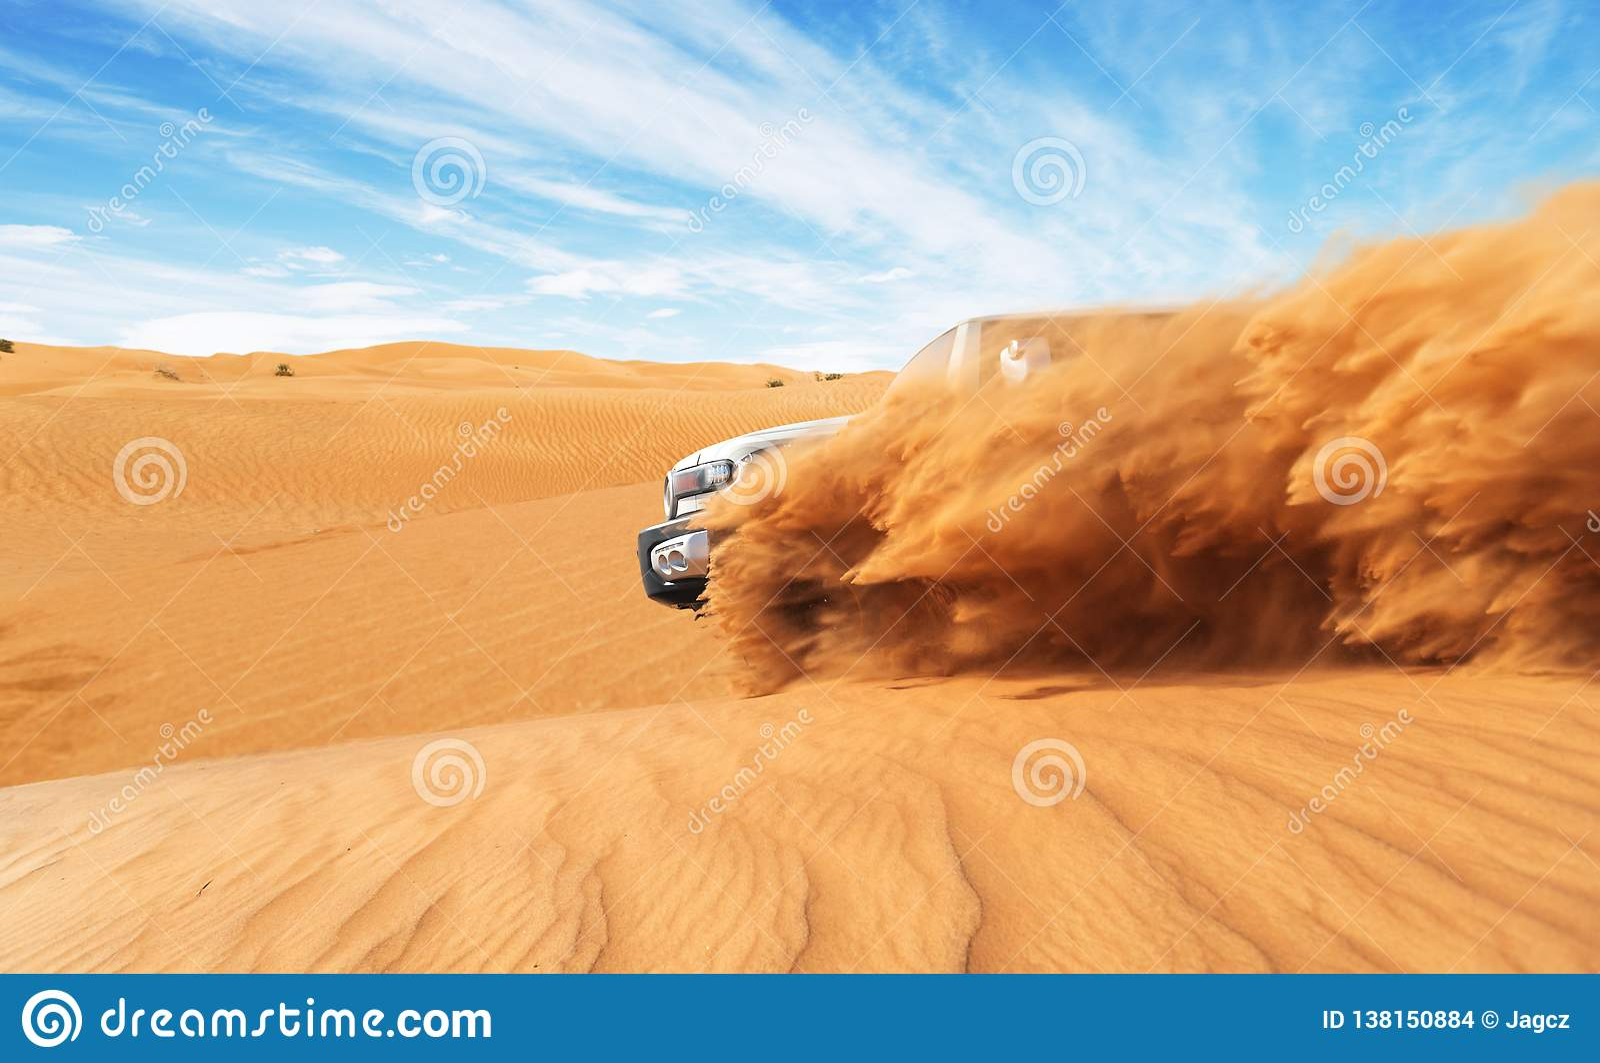 漂移的越野汽车4x4在沙漠